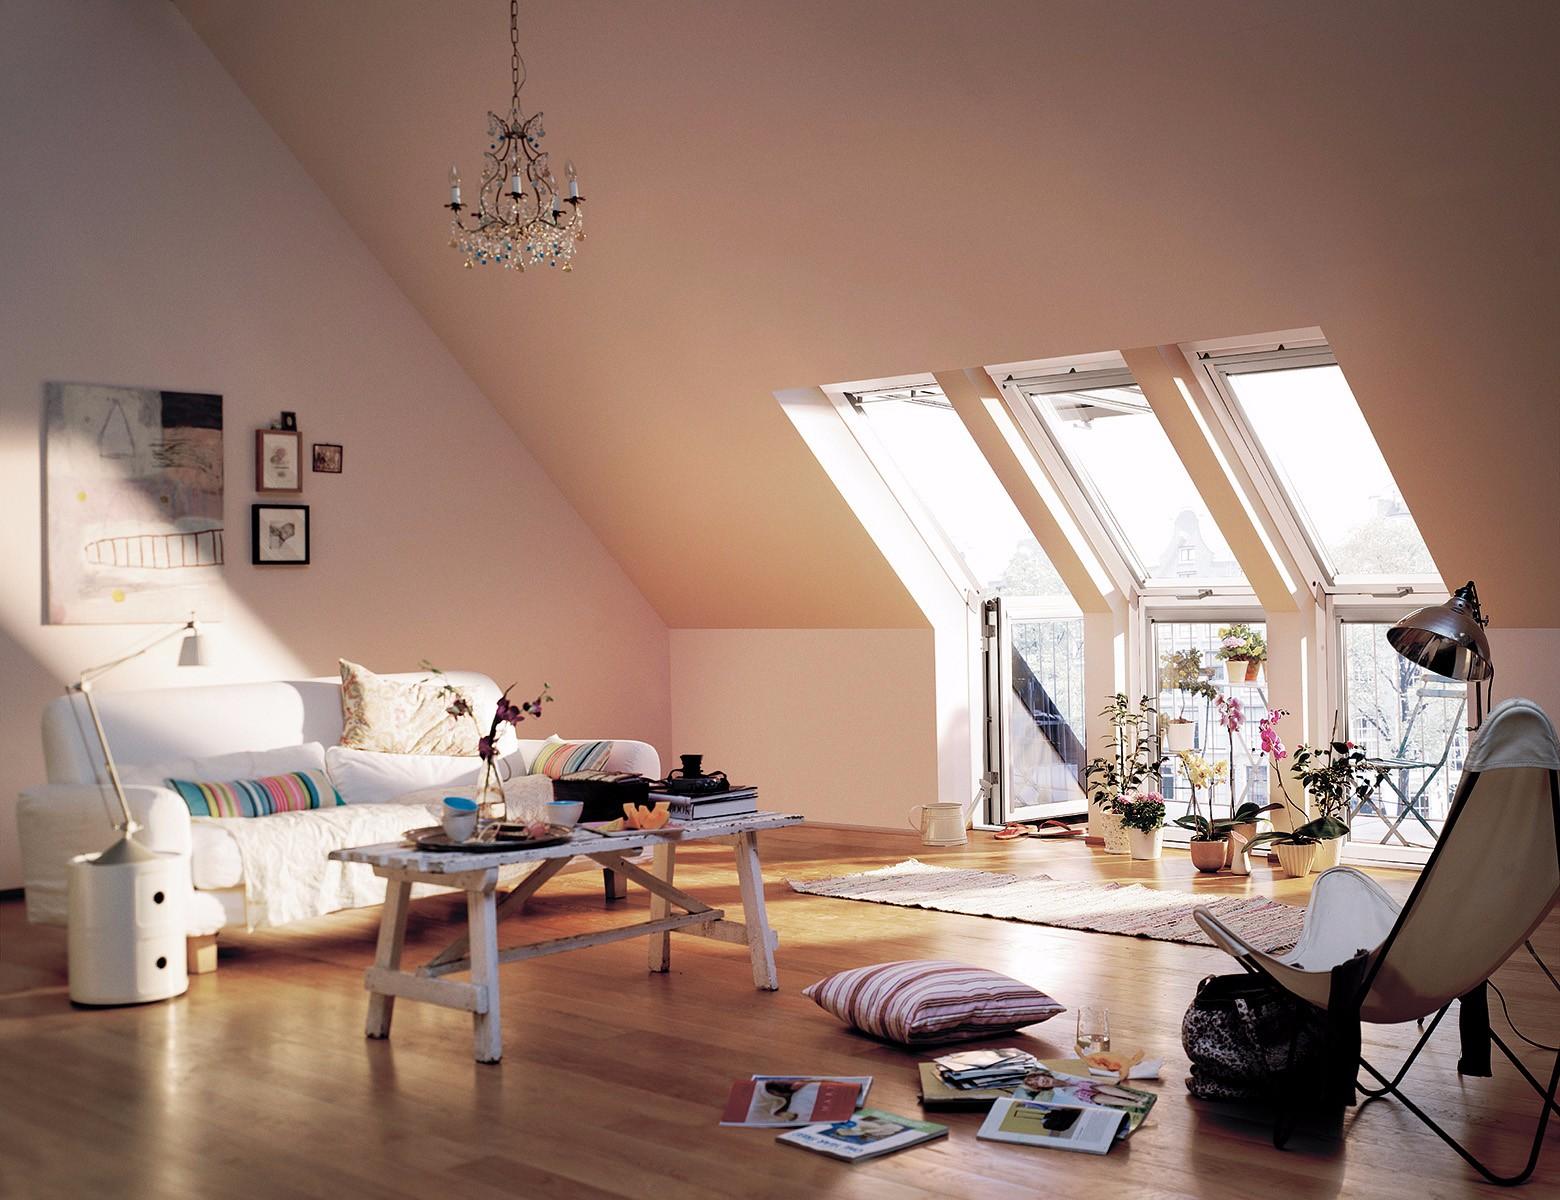 重慶屋頂露臺天窗露臺窗設計|圖片|價格|廠家|公司